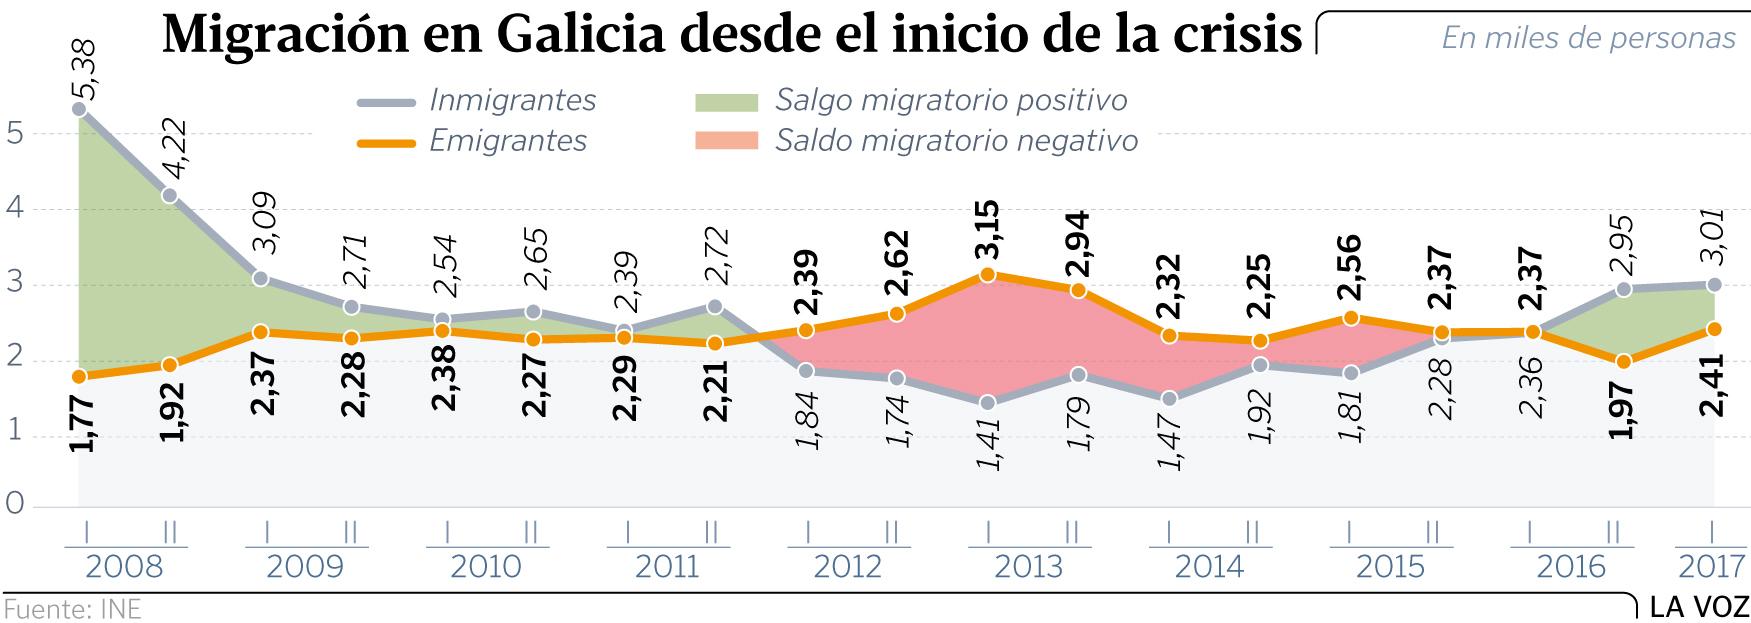 Galiza, demografía: Despoblamiento rural, más de 200.000 casas deshabitadas. - Página 3 Migracion